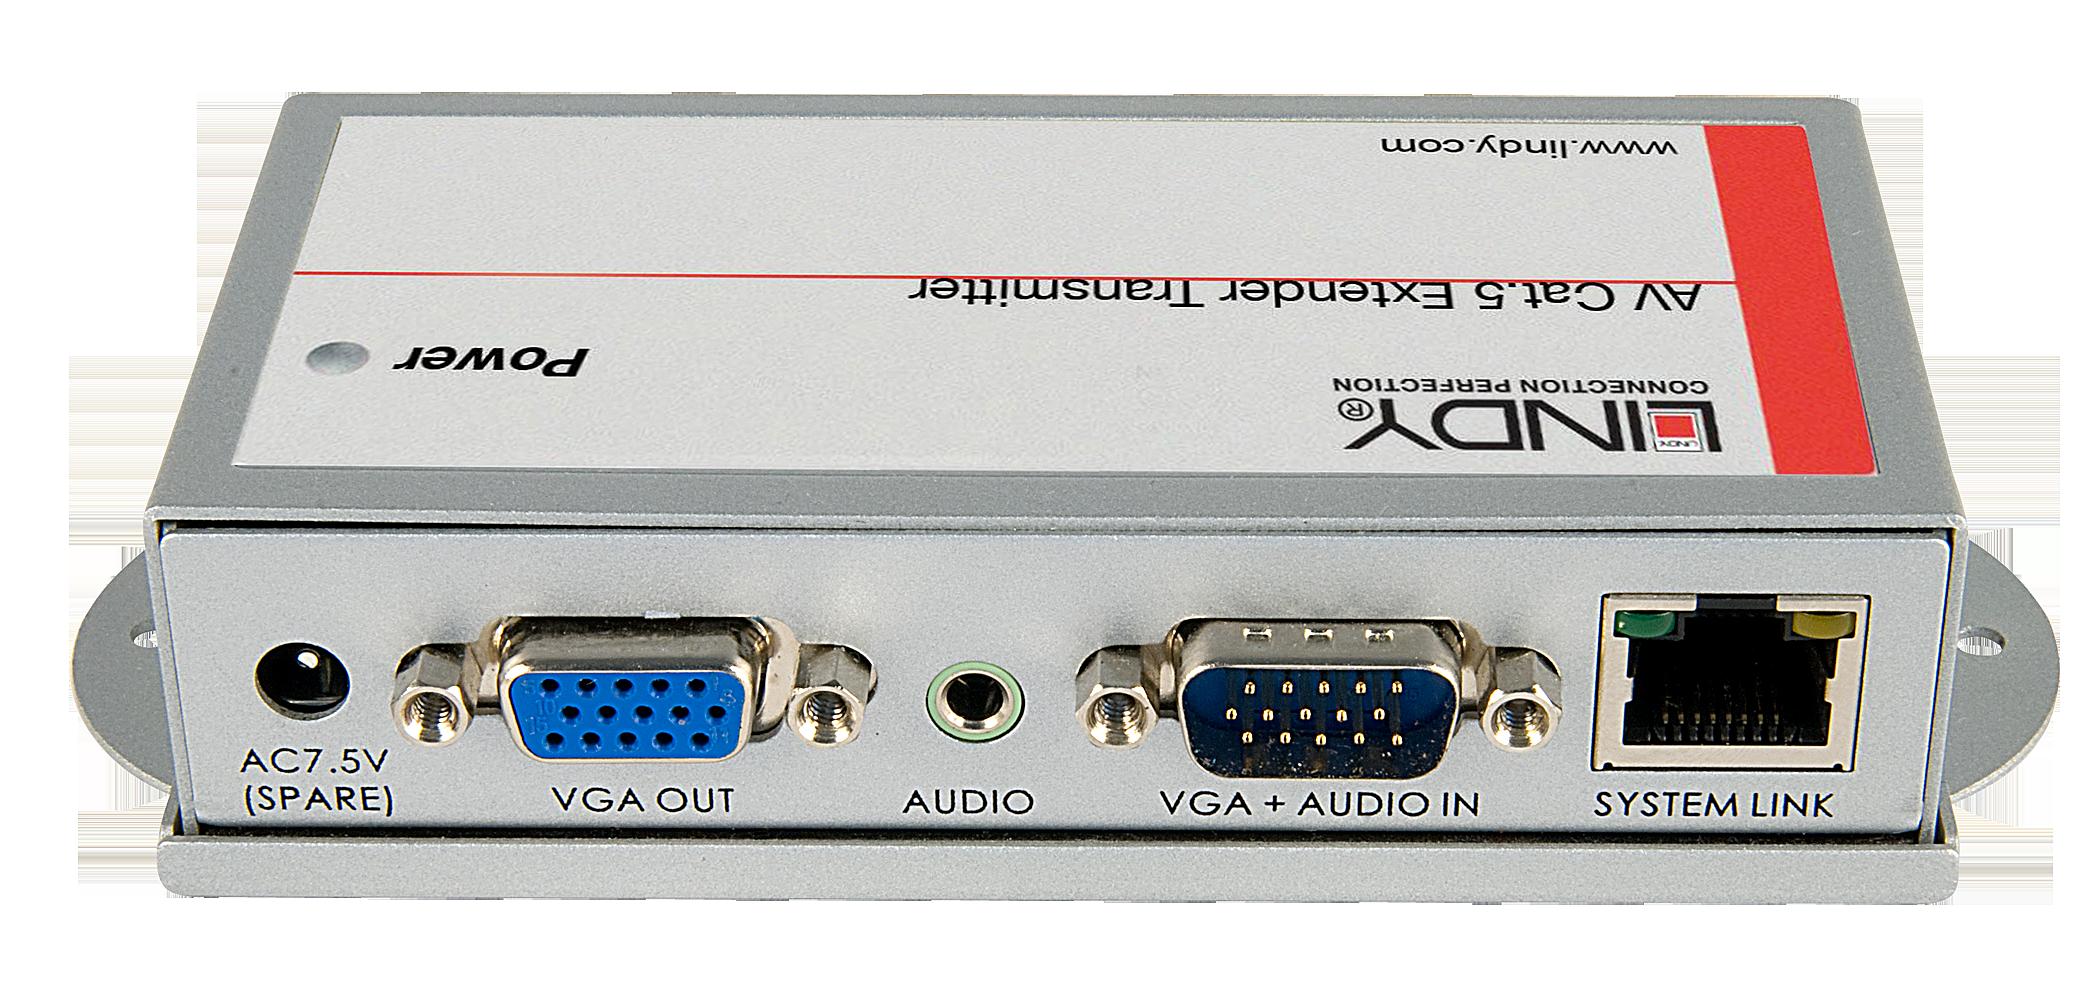 AV Cat.5/6 Extender Transmitter PRO - VGA & Audio bis 250m